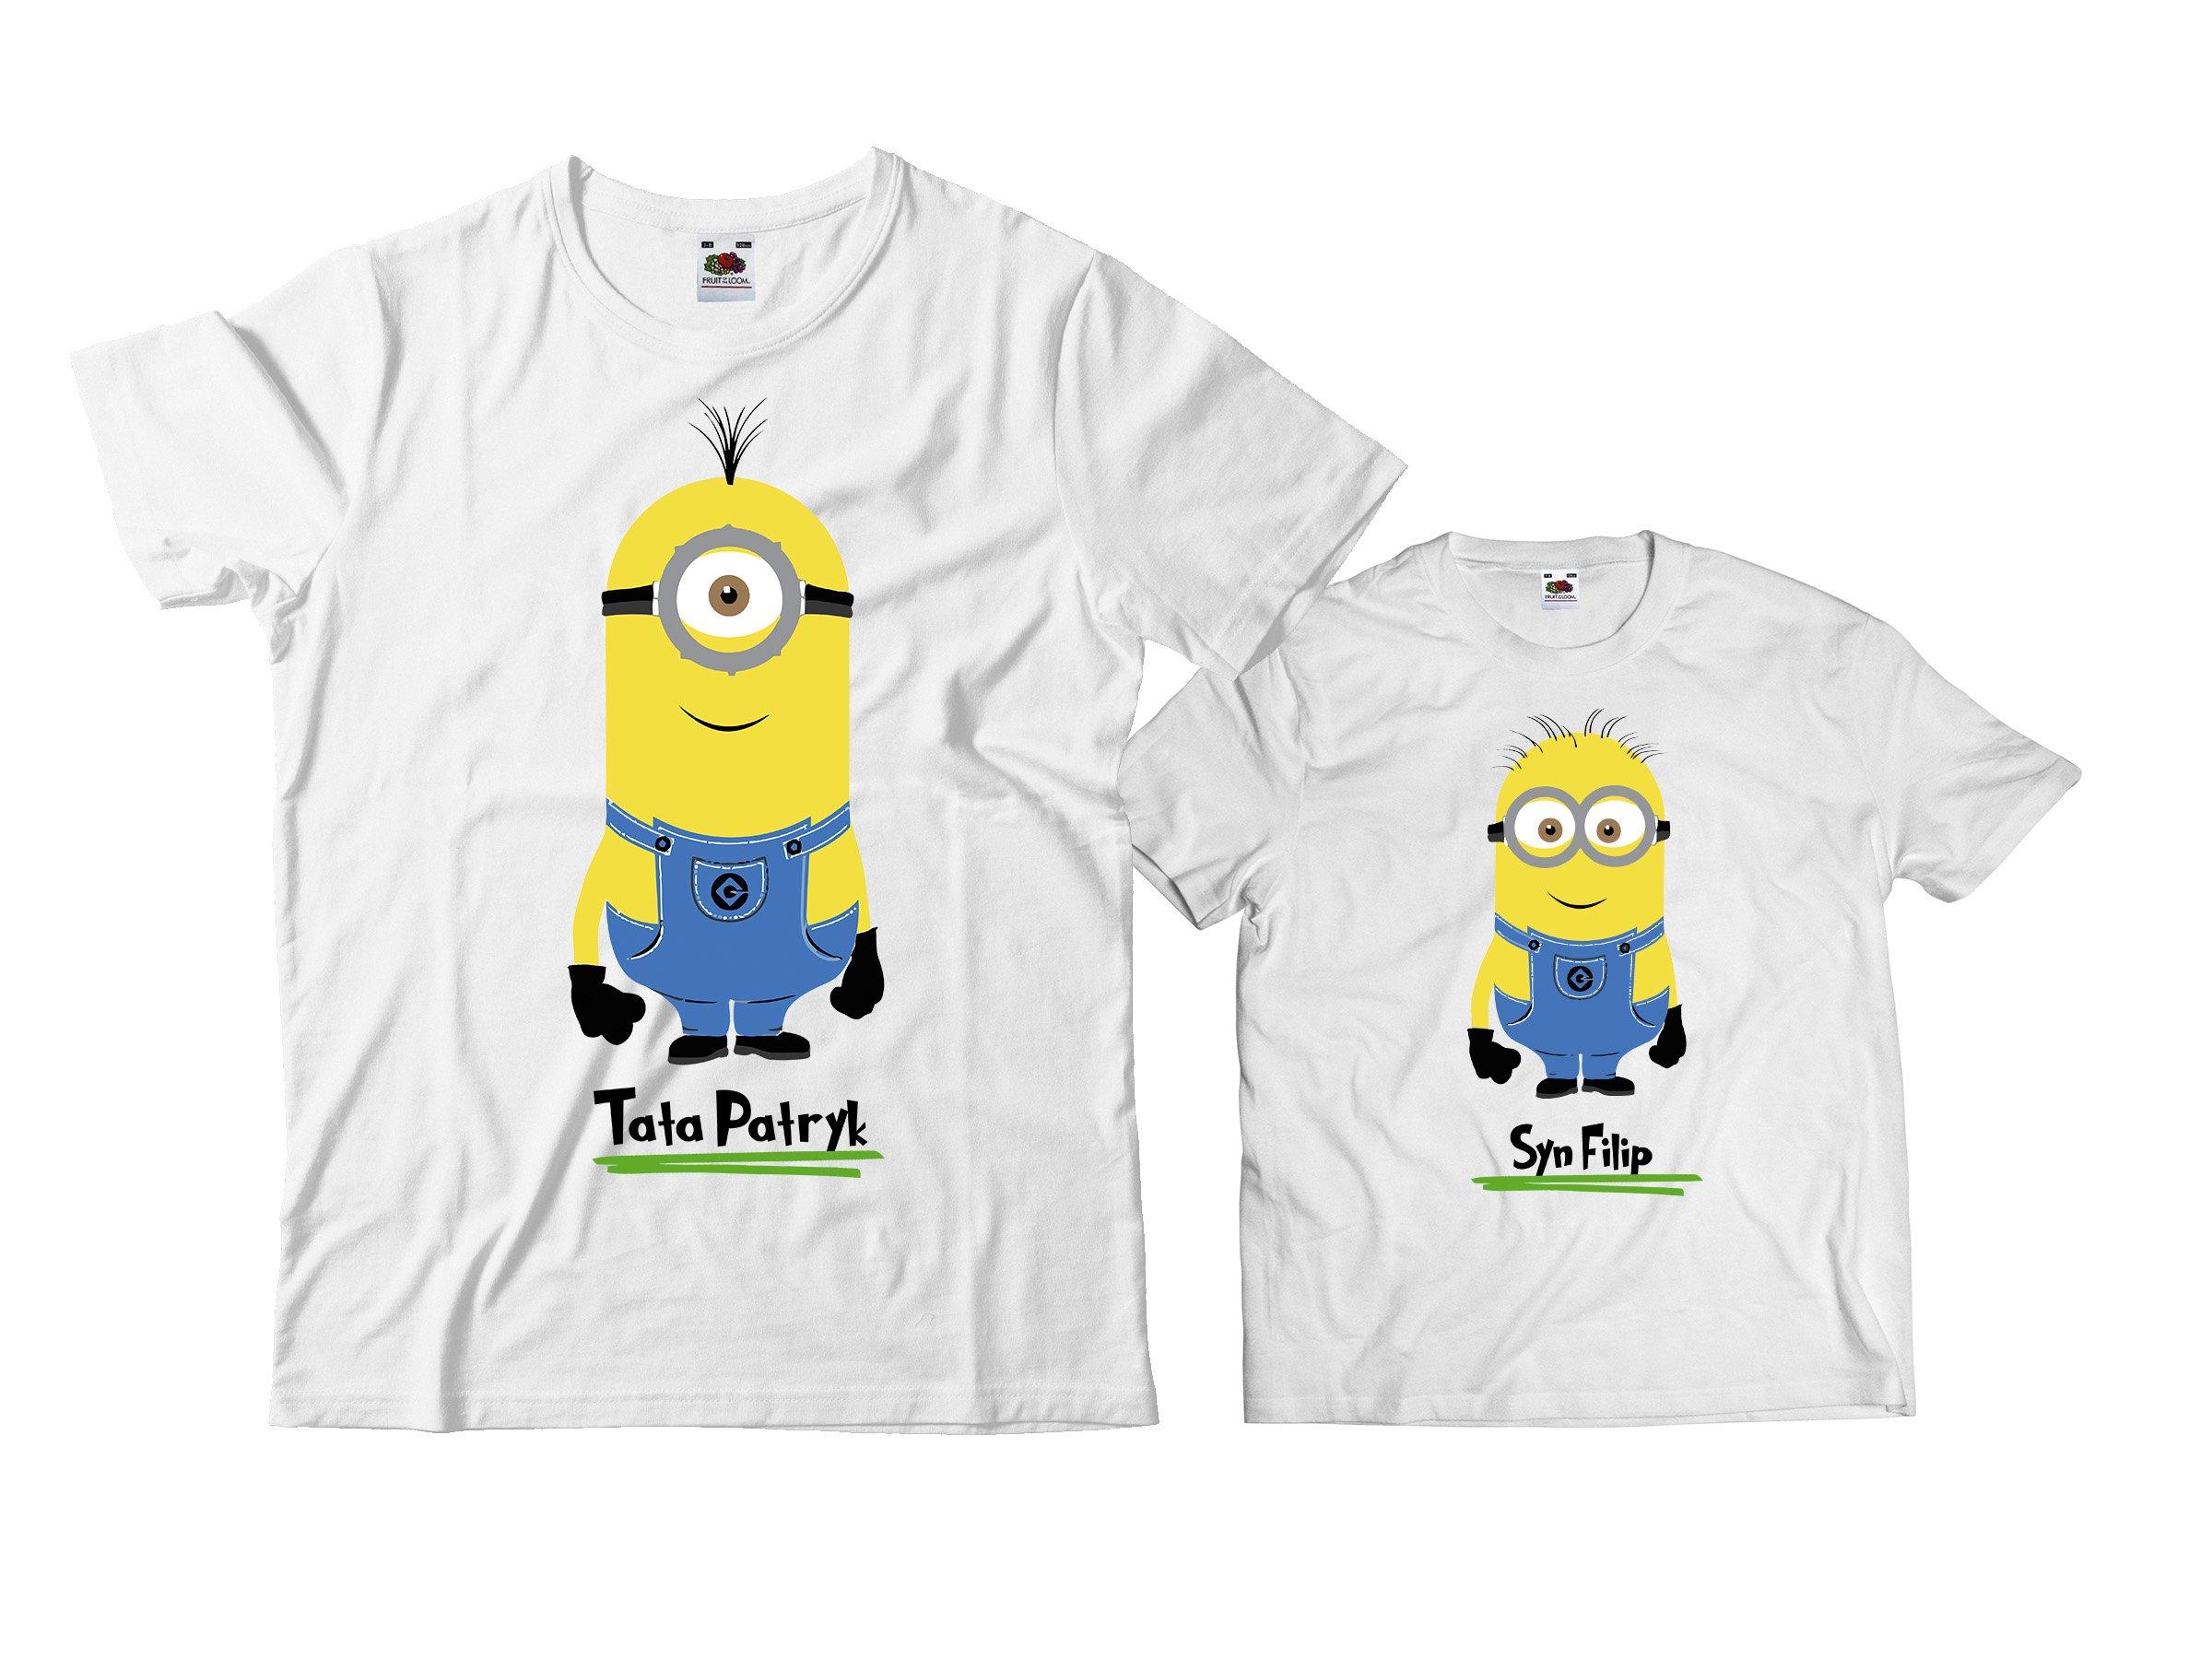 Koszulka Dla Taty I Syna Dzien Ojca Na Prezent Hit 5453474468 Allegro Pl